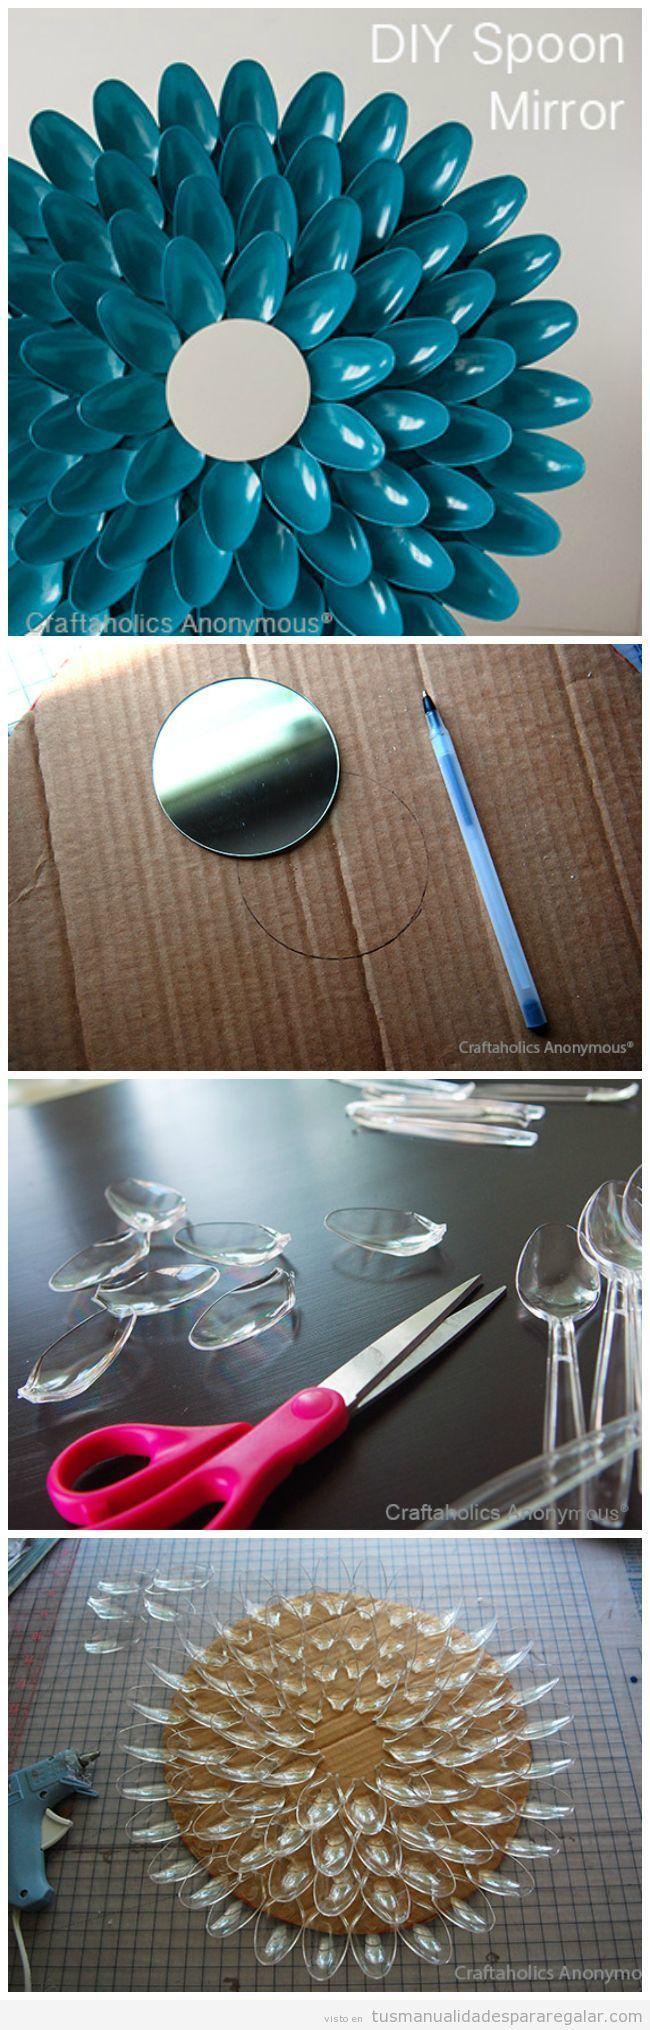 Regalos hechos a mano: espejo decorado con cucharas de plástico